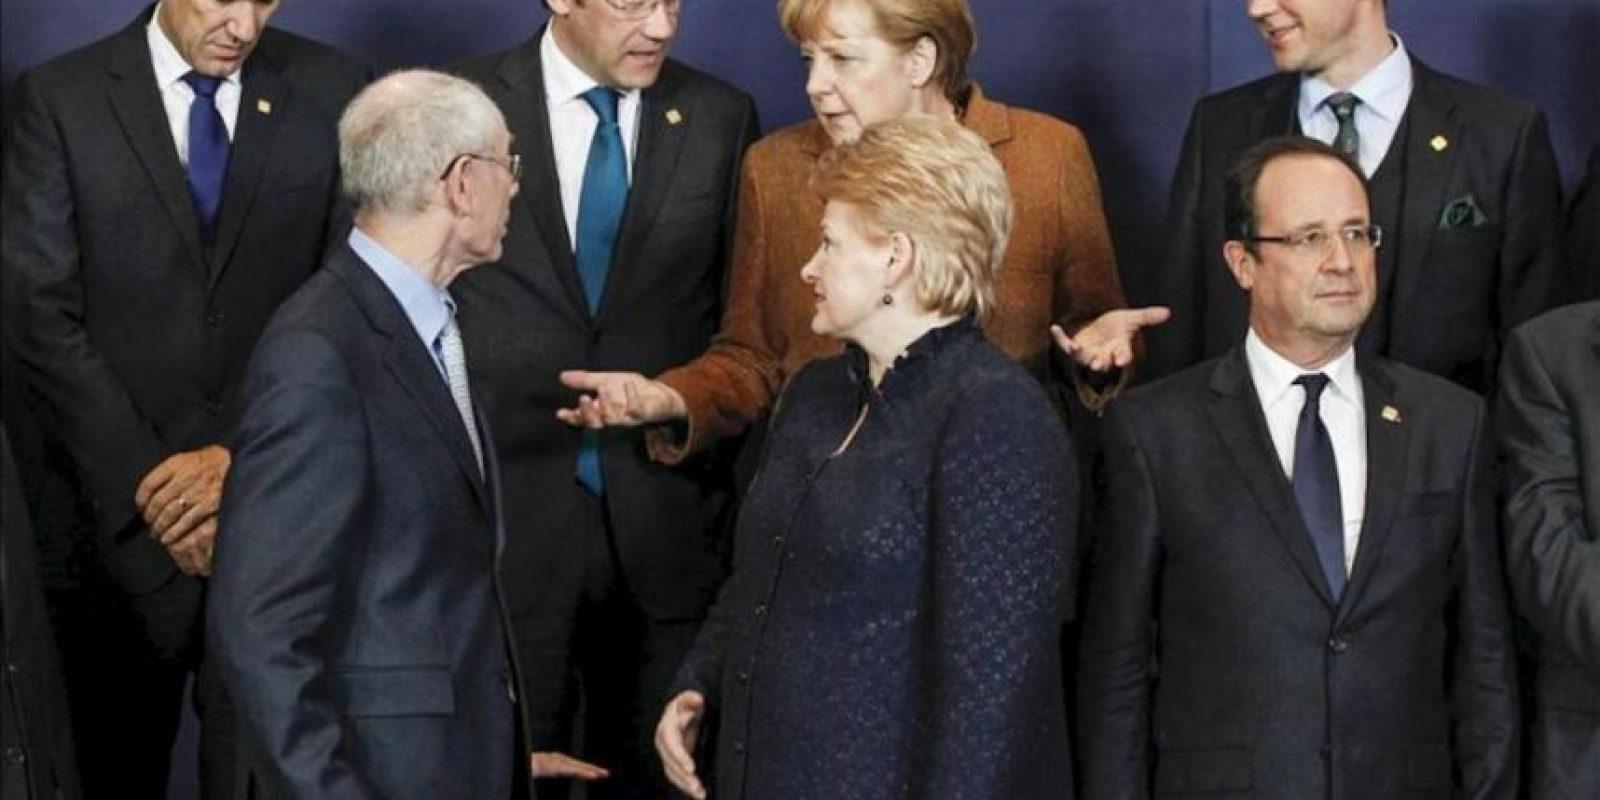 El presidente del Consejo Europeo, Herman Van Rompuy, conversa con la canciller alemana, Angela Merkel, durante la cumbre extraordinaria para negociar el presupuesto plurianual para 2014-2020. EFE